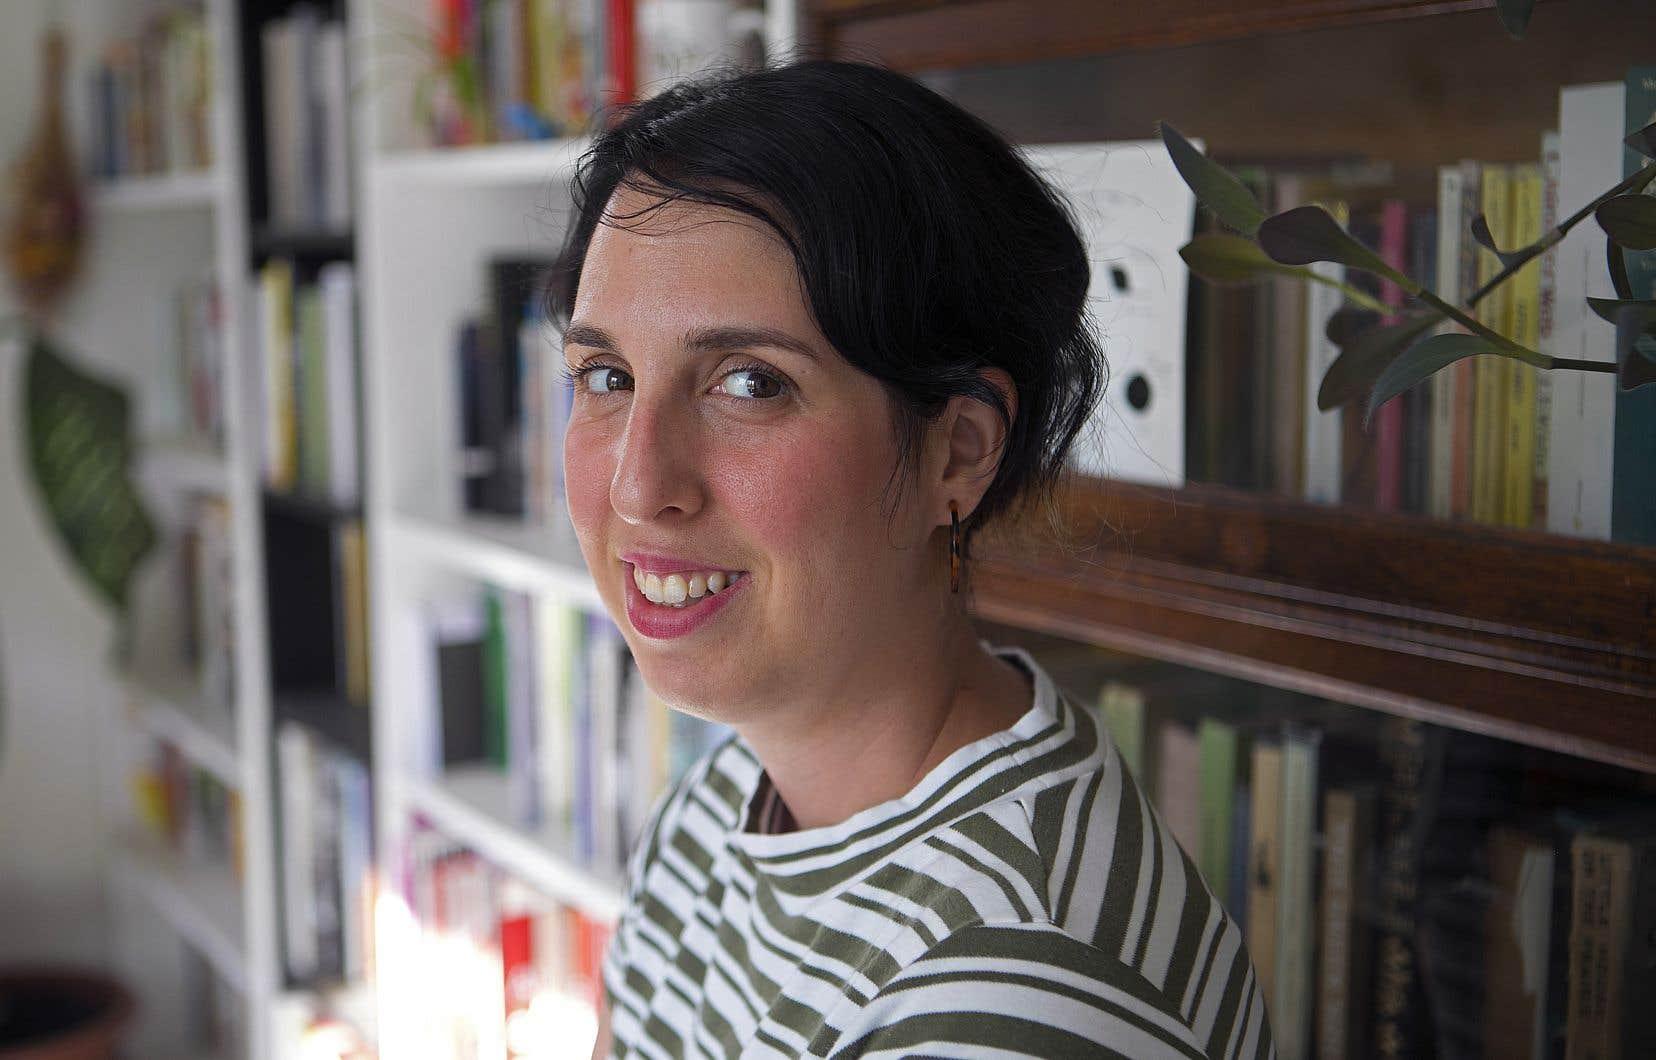 «Dès le début de Wikipédia, on notait que les deux tiers des contributeurs possédaient un bac. Ce sont déjà des privilégiés, par l'éducation, qui y ont contribué», souligne Amber Berson, doctorante en histoire de l'art, wikipédienne d'expérience et fascinée par le concept de l'accessibilité.